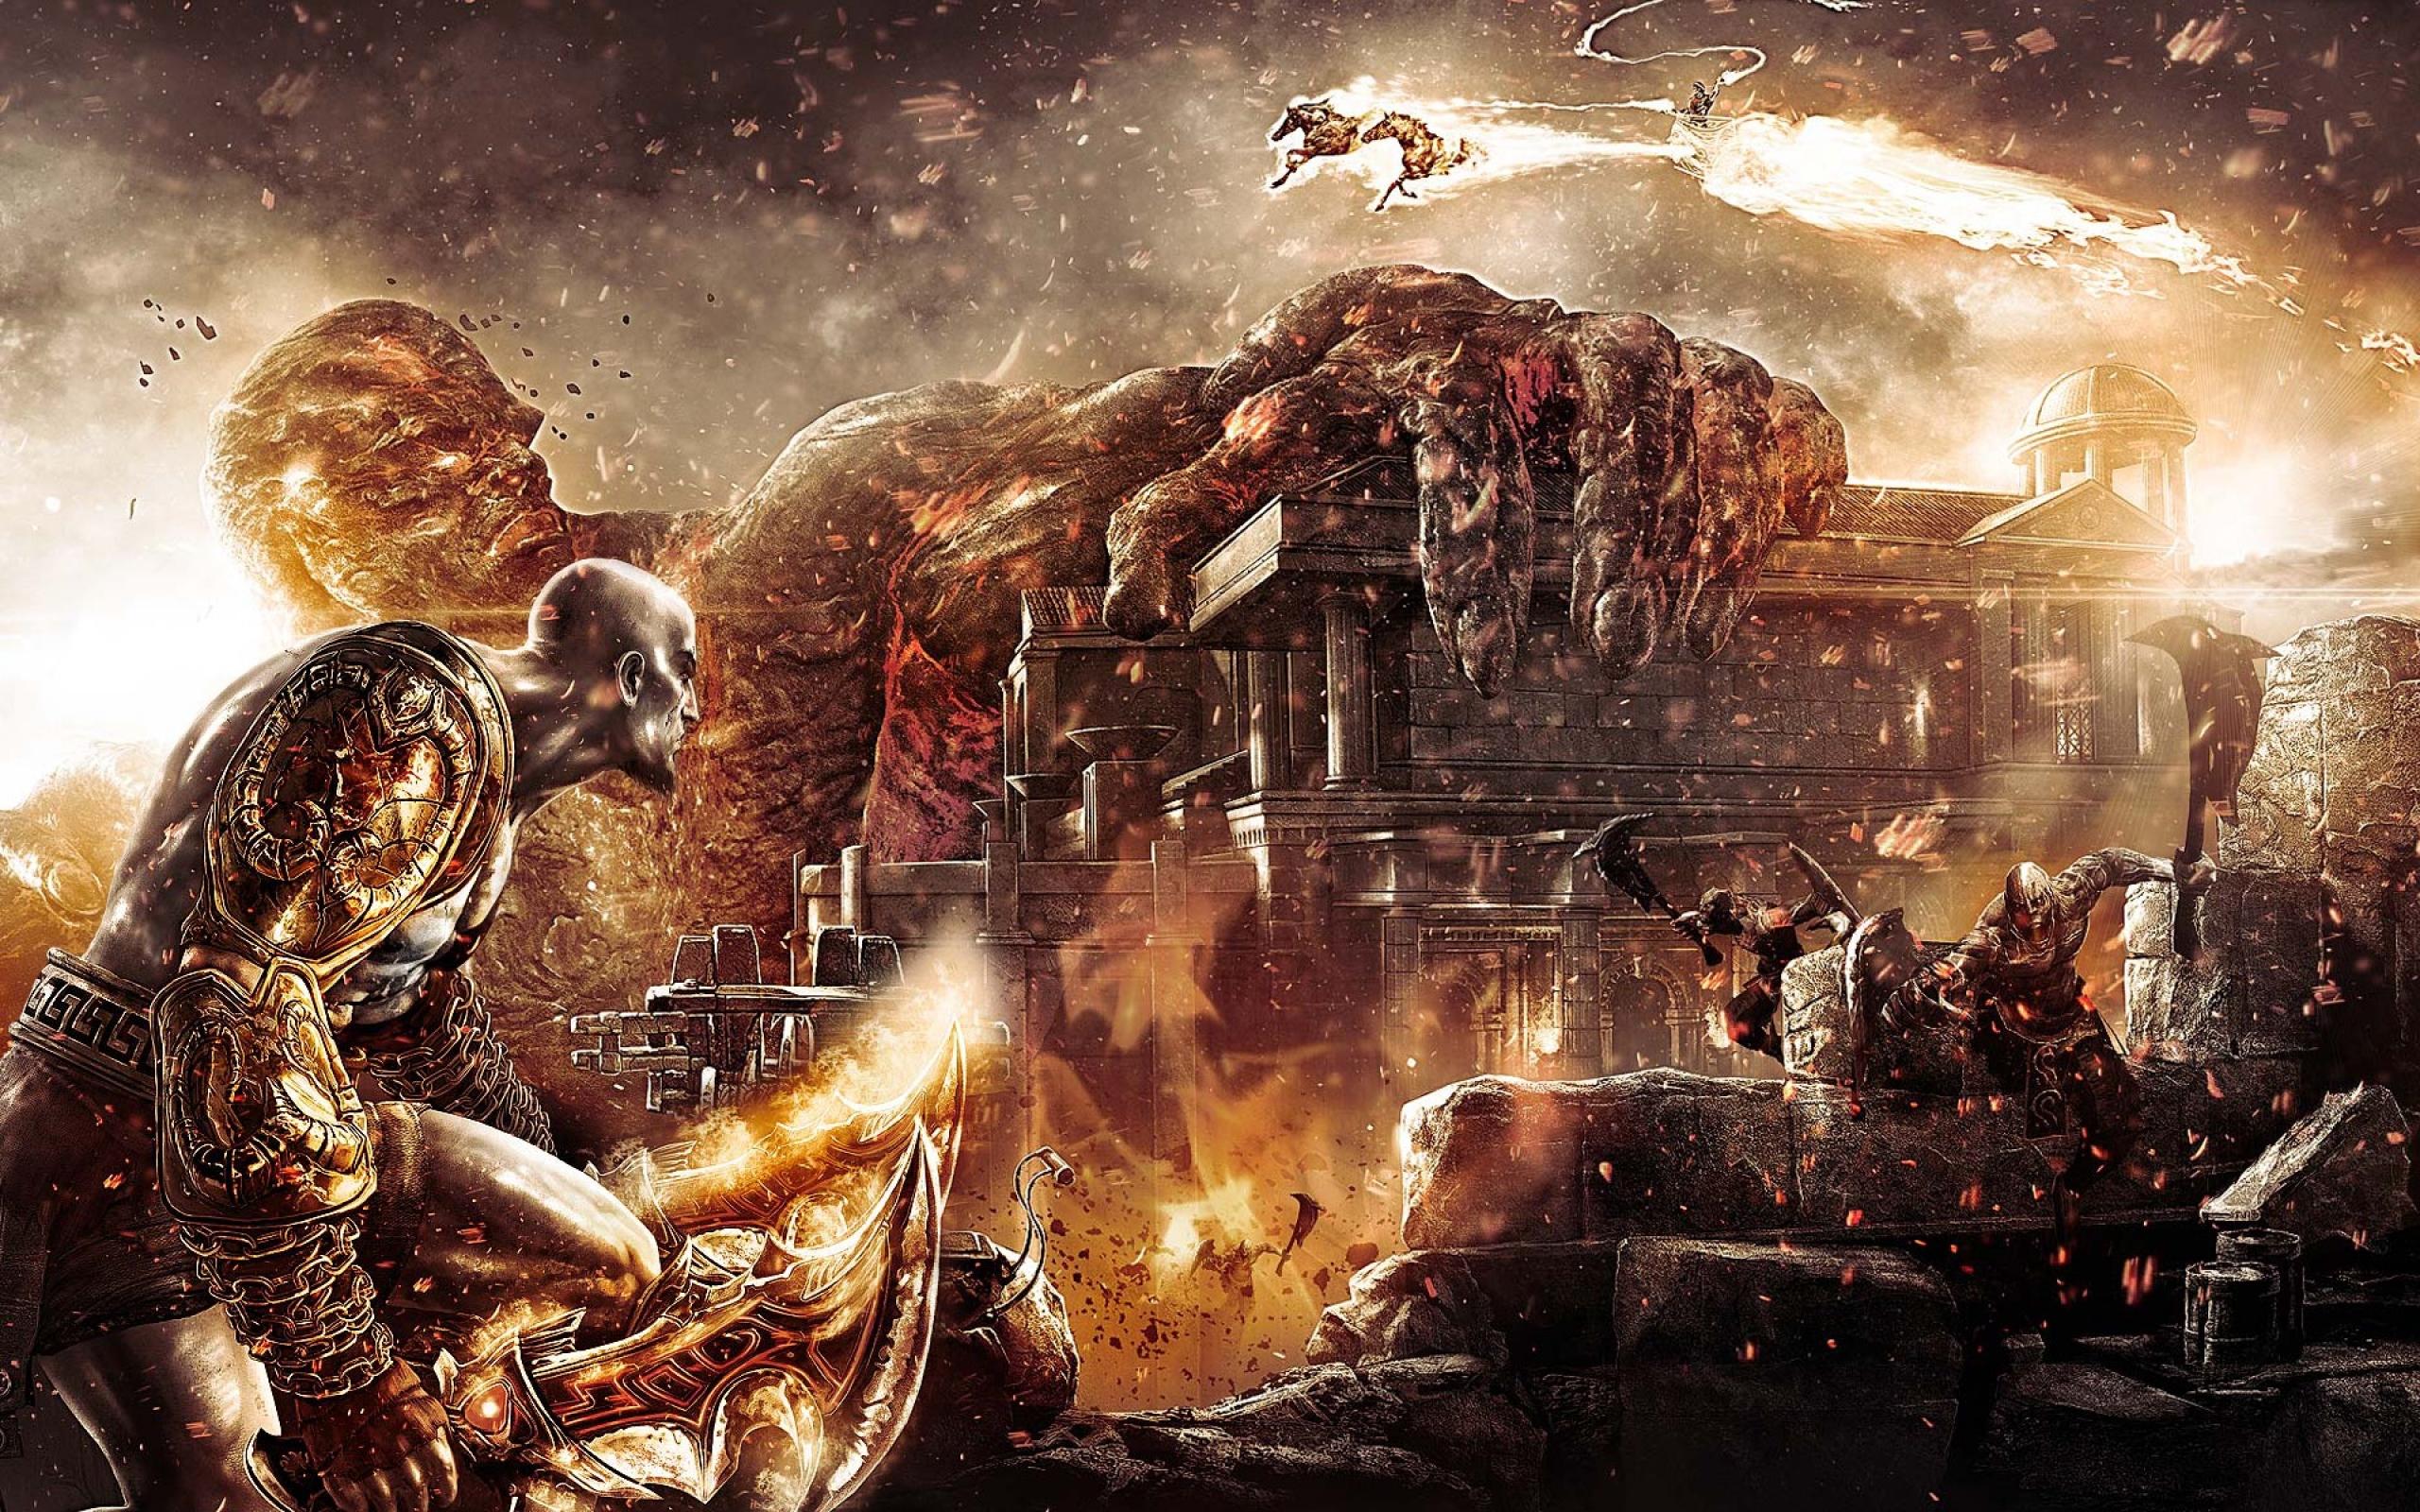 ragnarok-god-of-war-hd-2573559